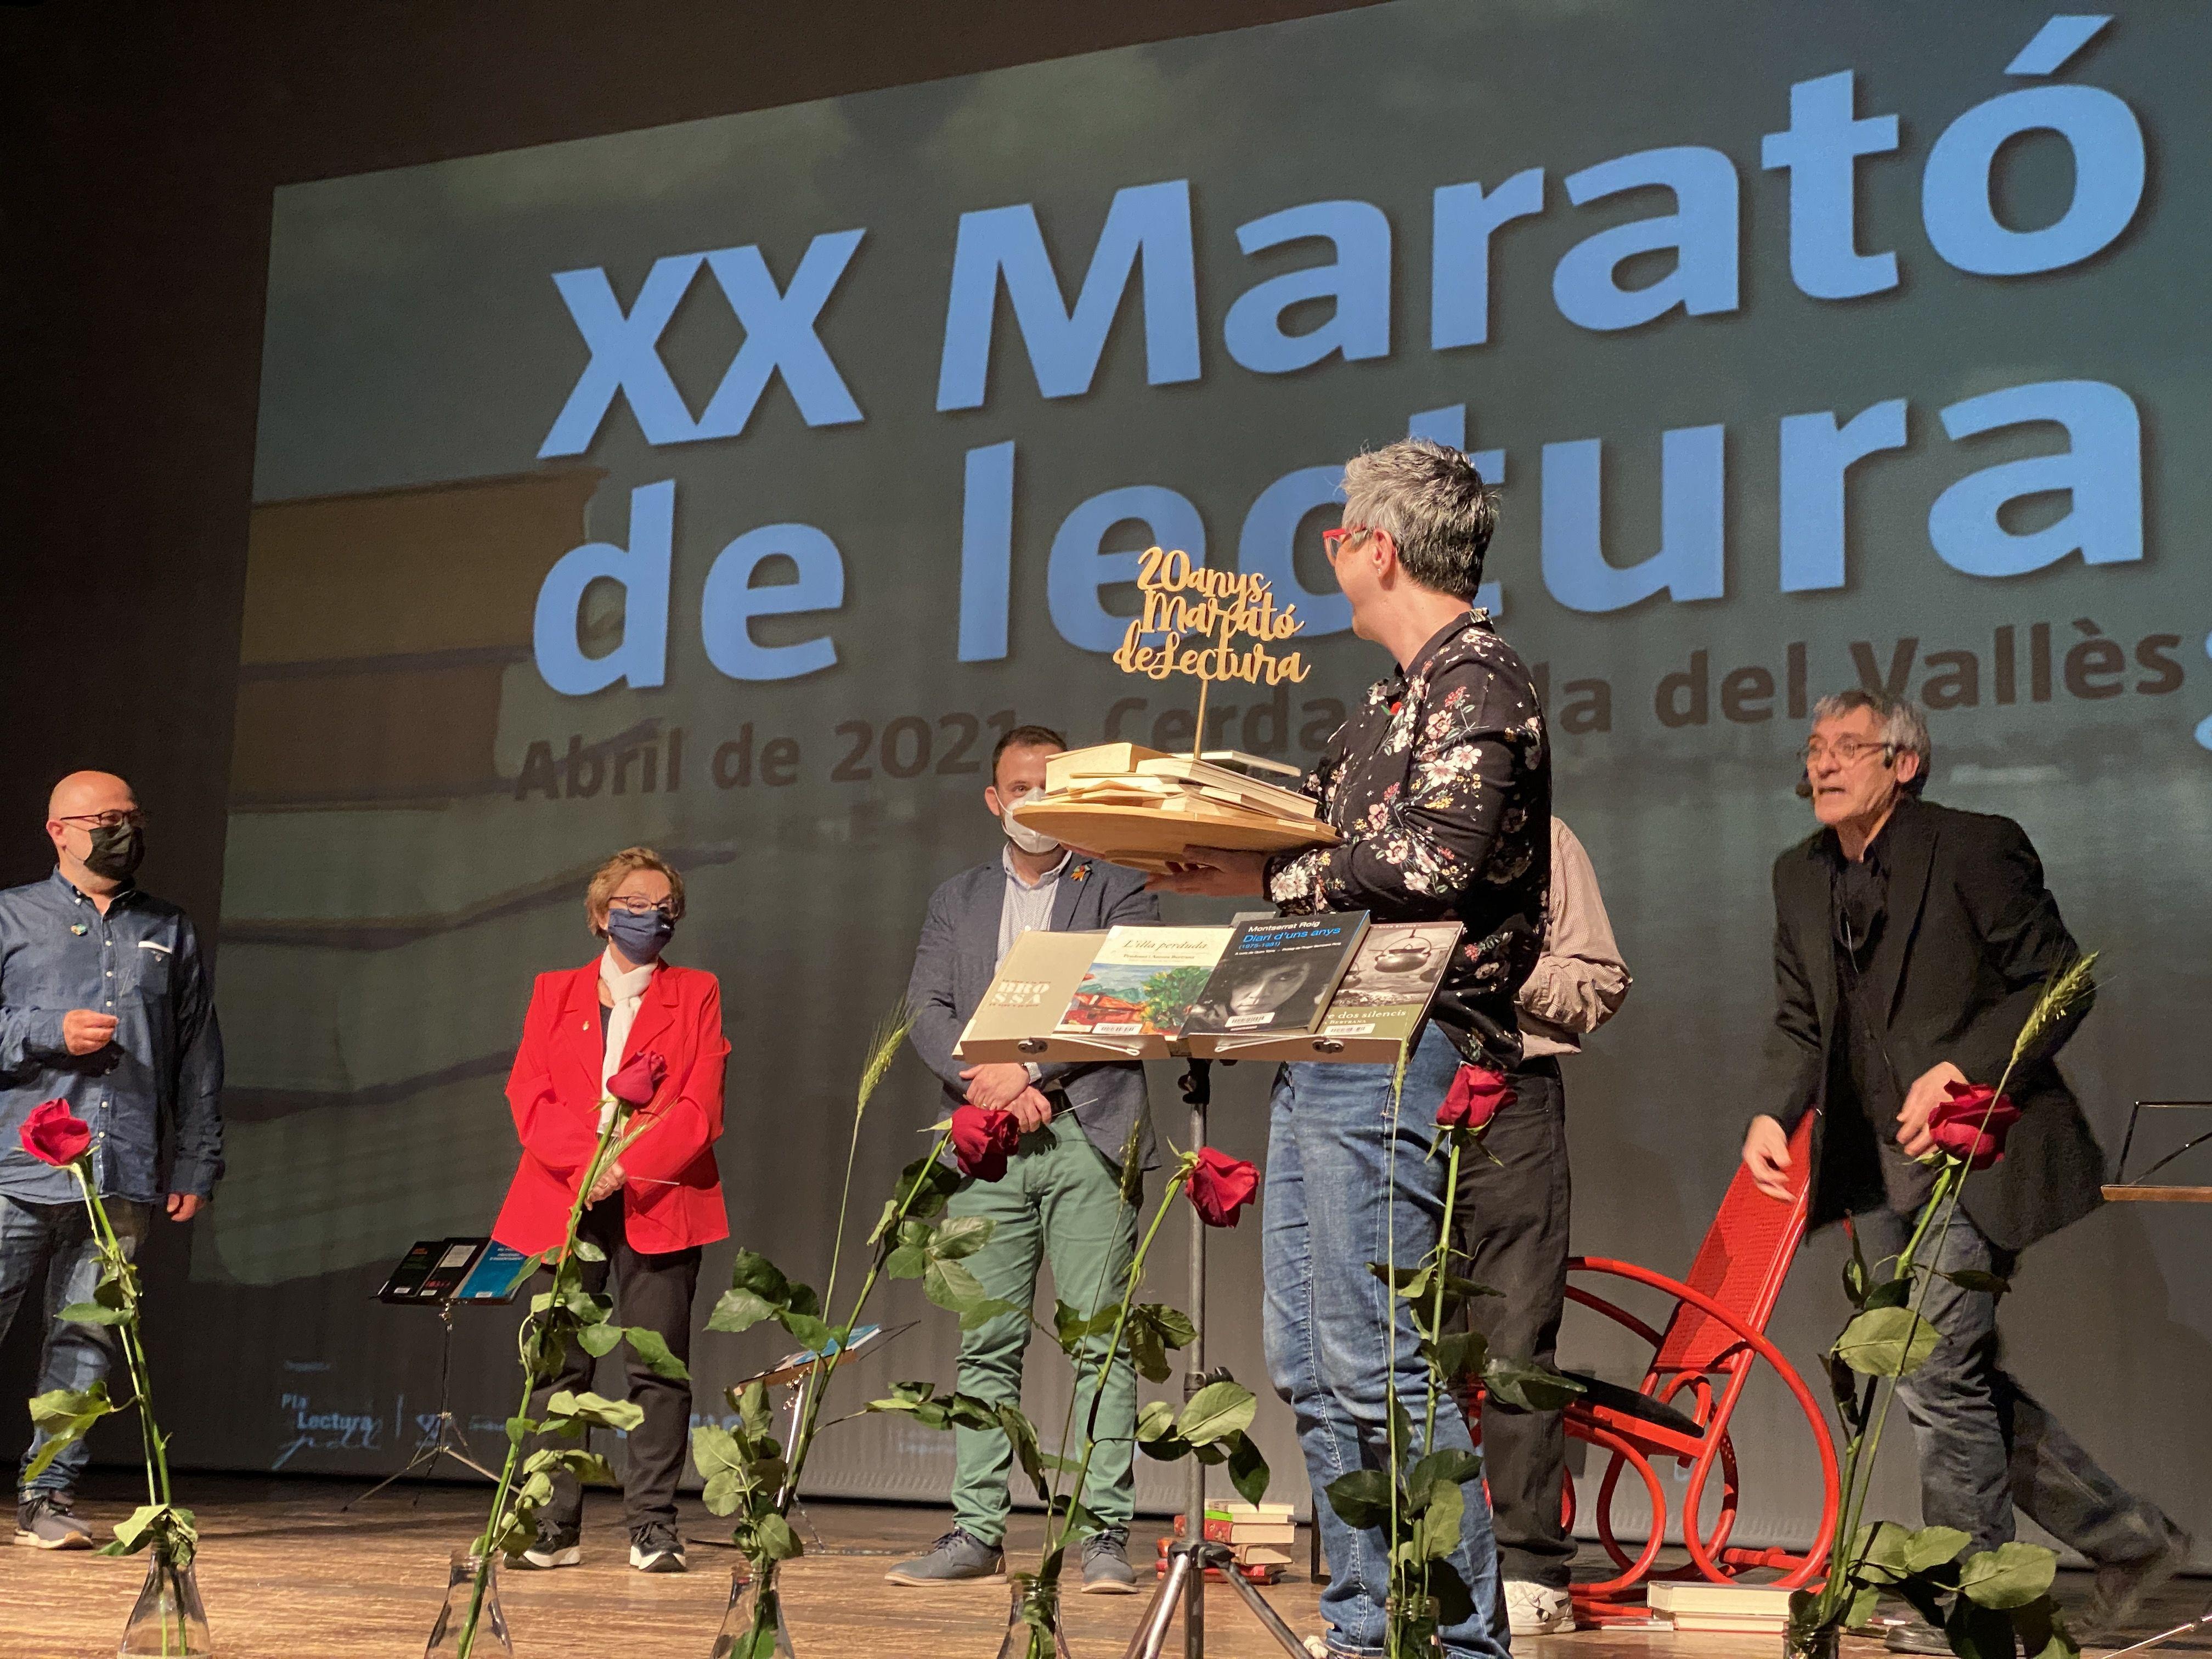 Marató de Lectura Sant Jordi 2021 a Cerdanyola. FOTO: Laura Arias